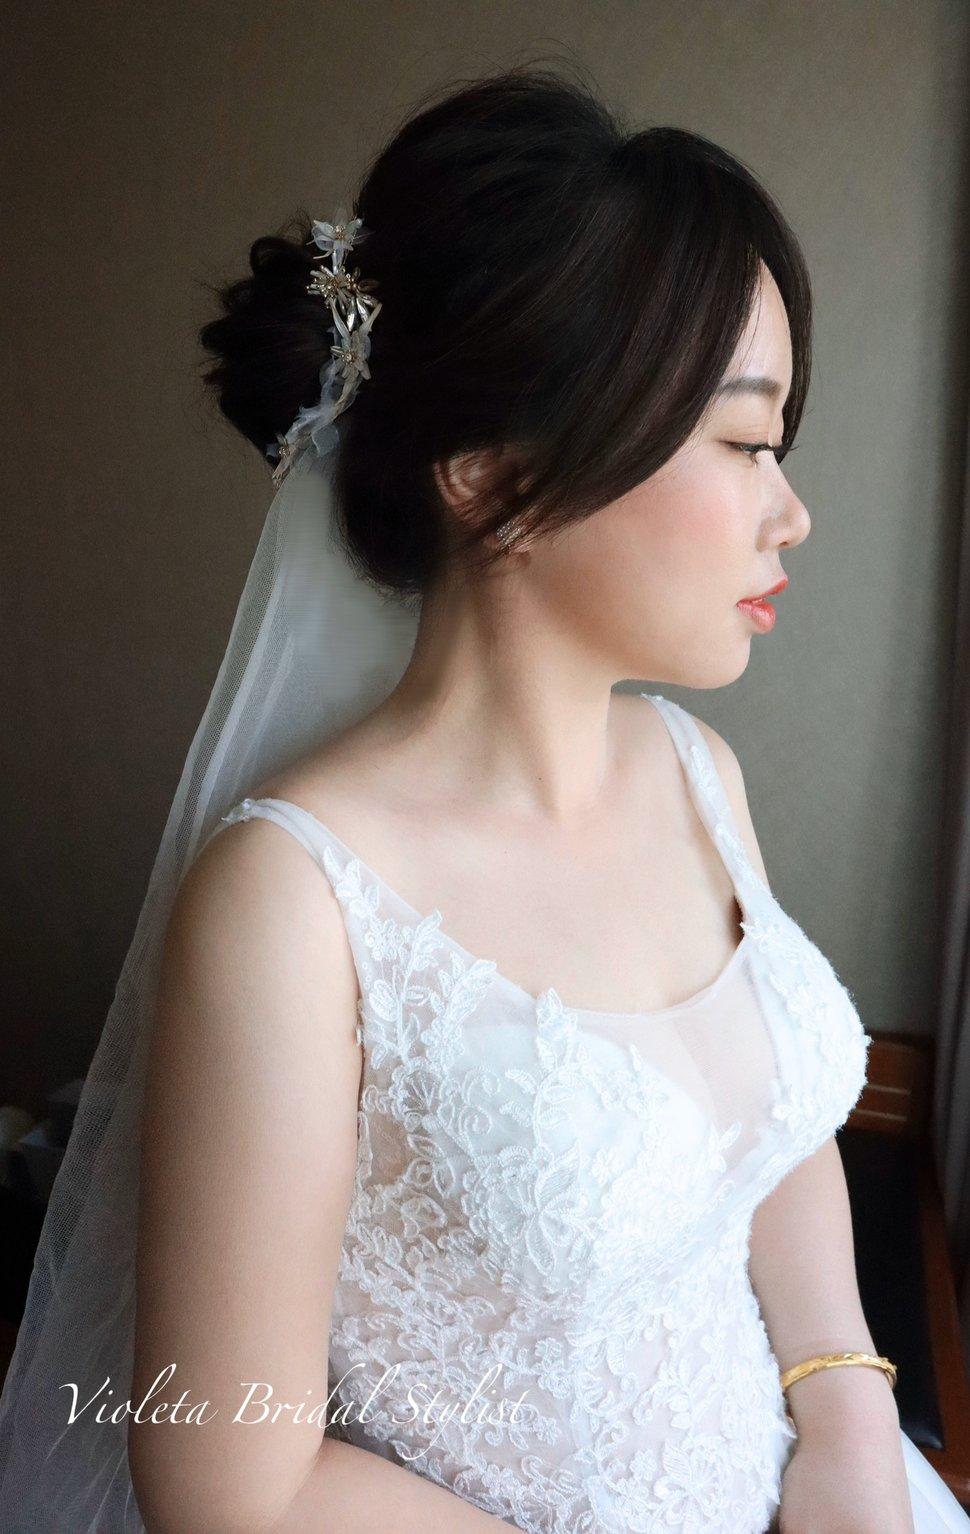 17F8102F-1B23-48D4-B1CD-318BF7605D25 - 台中/台南新秘可可 新娘精緻彩妝整體造型《結婚吧》